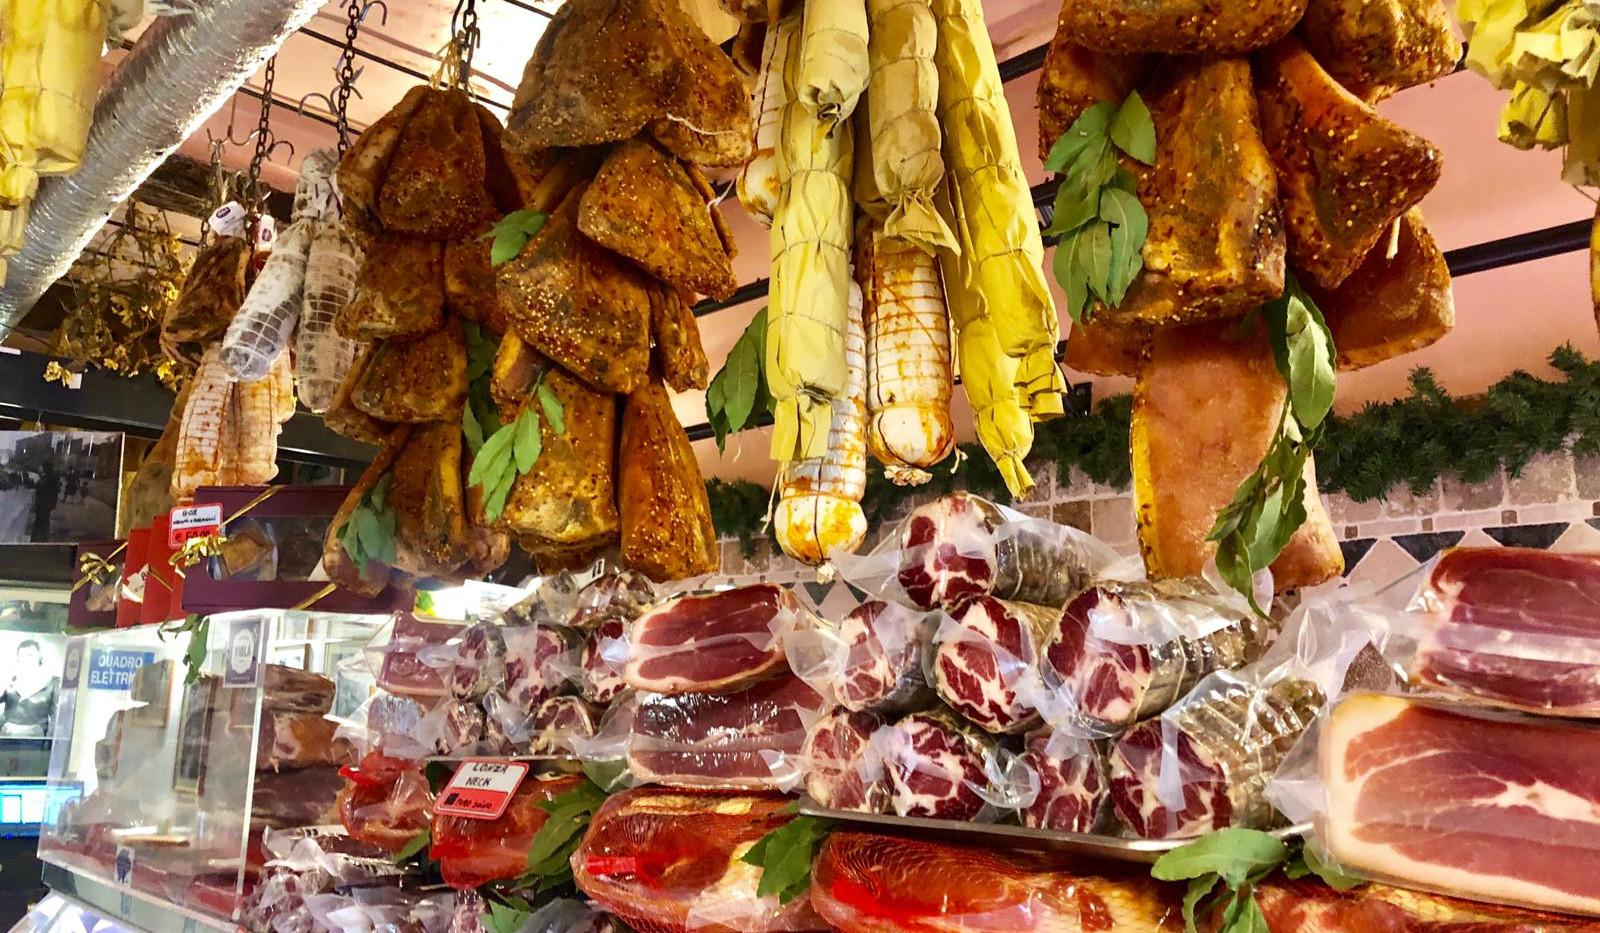 rome tour market.jpeg